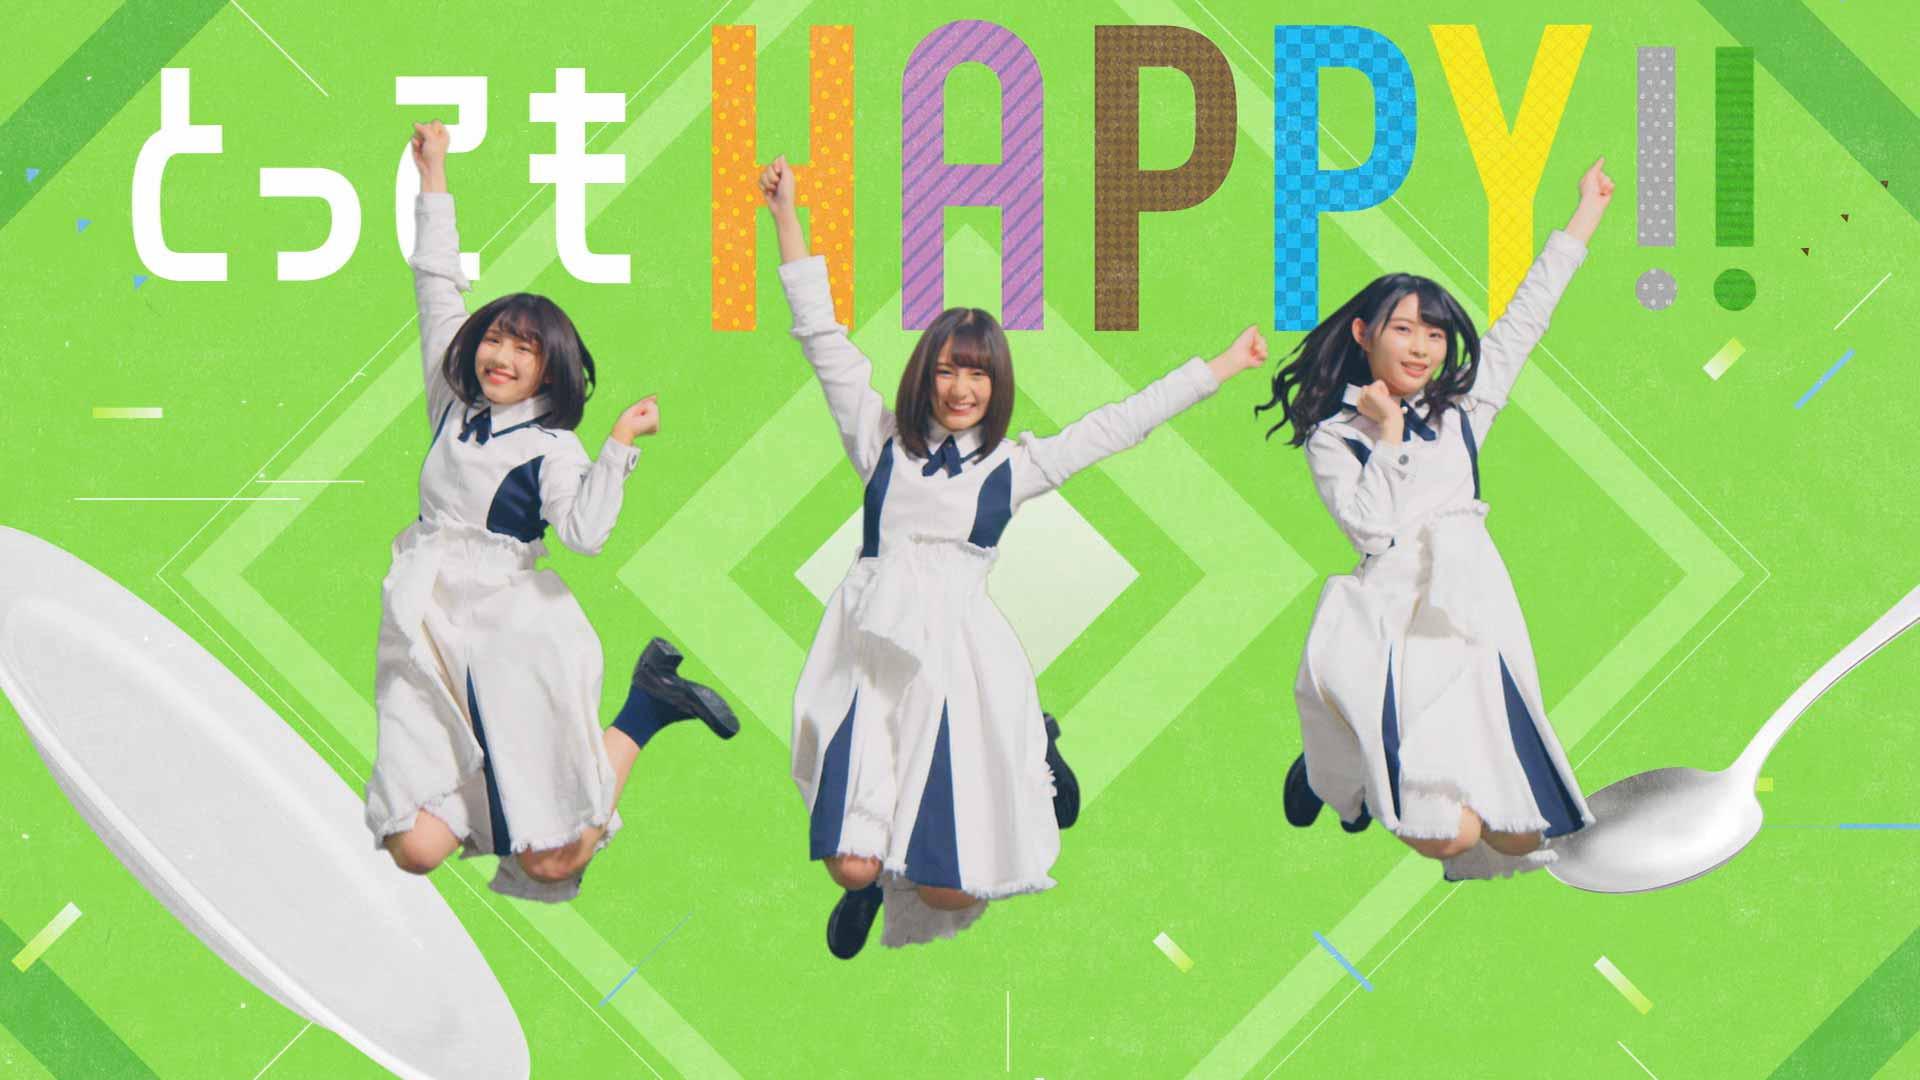 ここいち × けやき坂46「ここいち de HAPPY! キャンペーン」